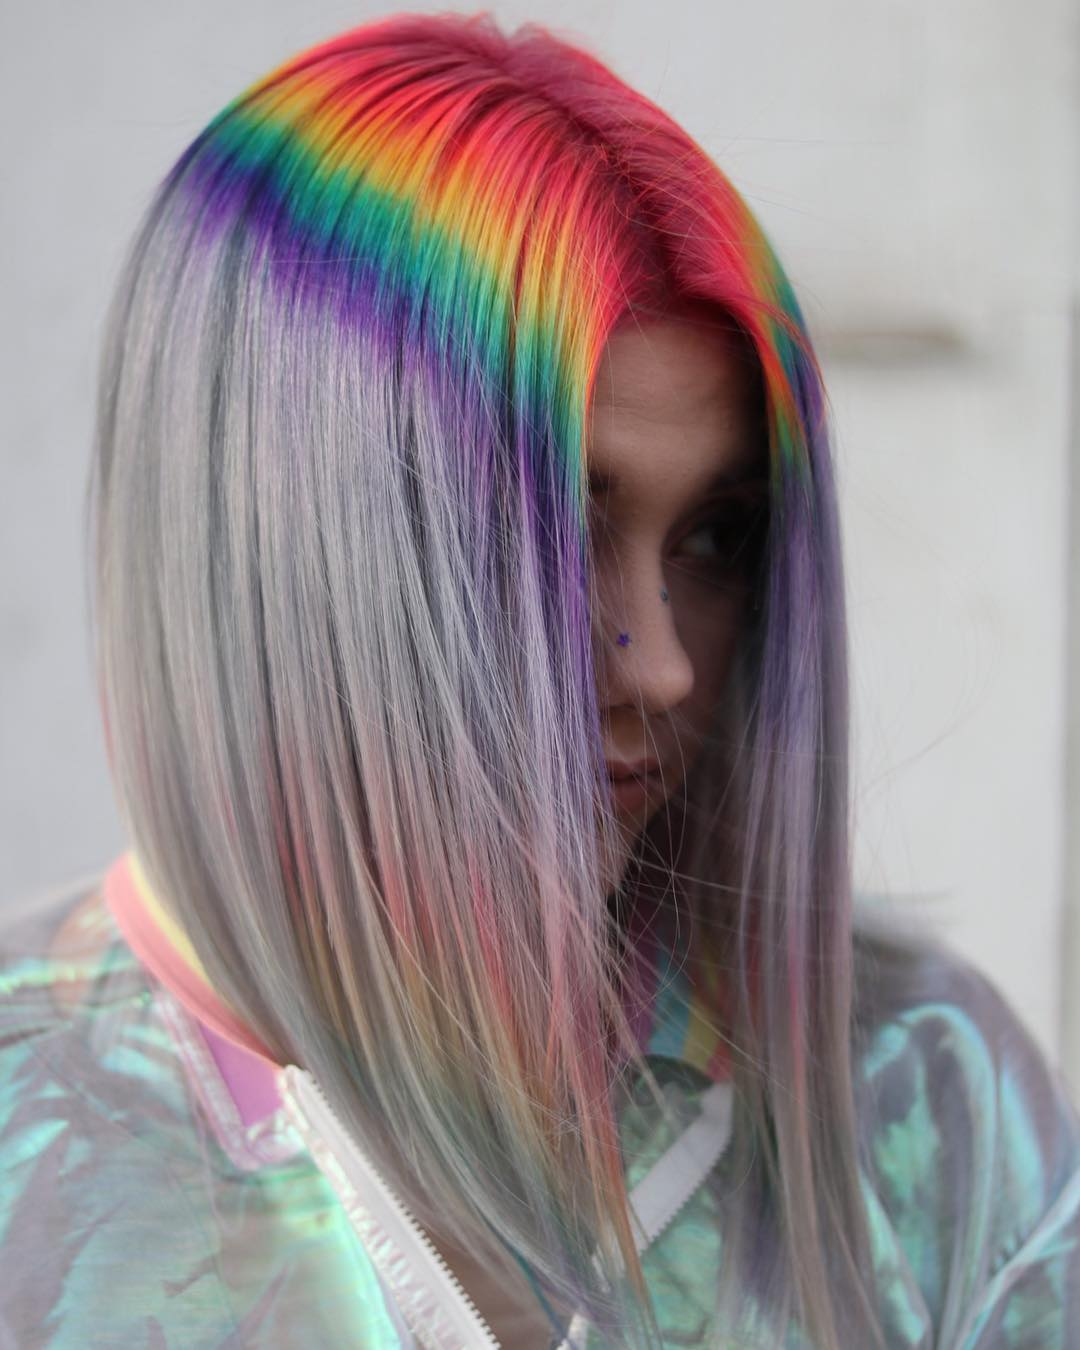 Cabello de arcoiris en las raíces